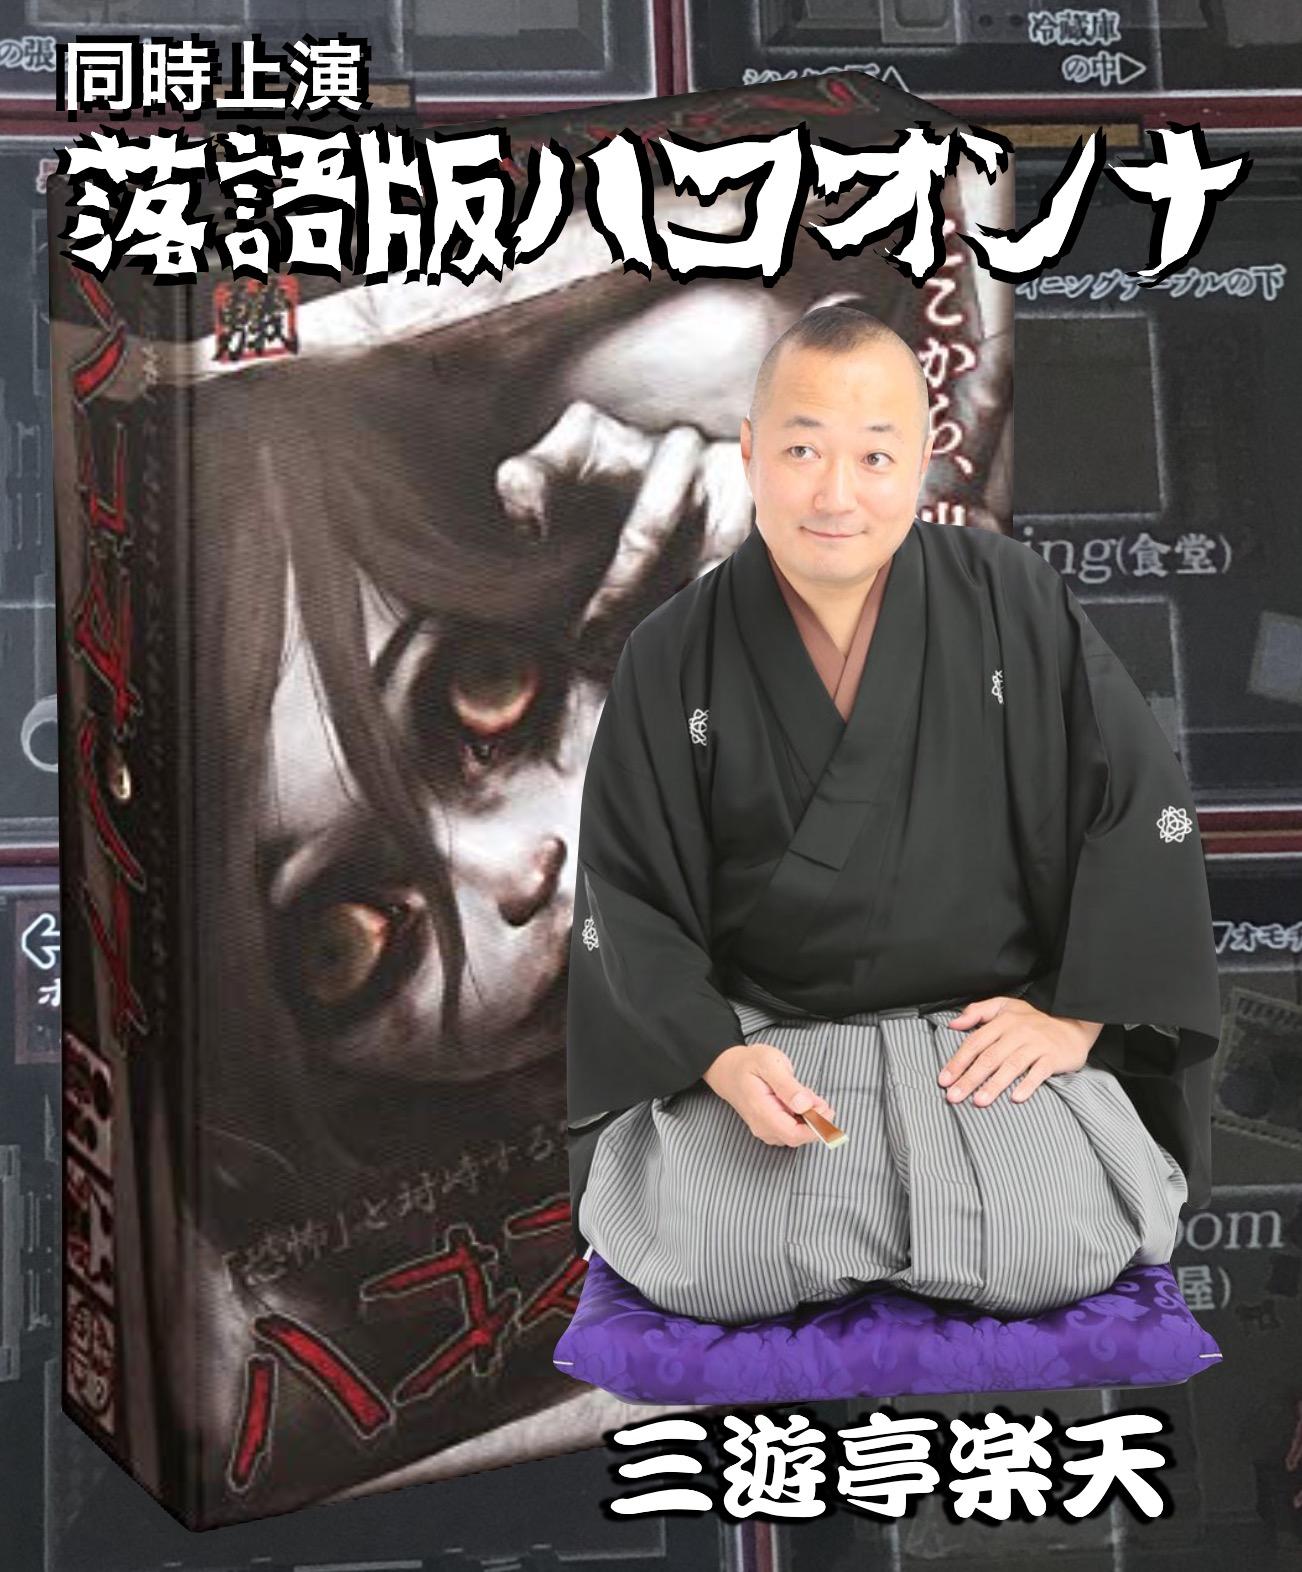 「落語版ハコオンナ」三遊亭楽天・聖地ポーカーズ